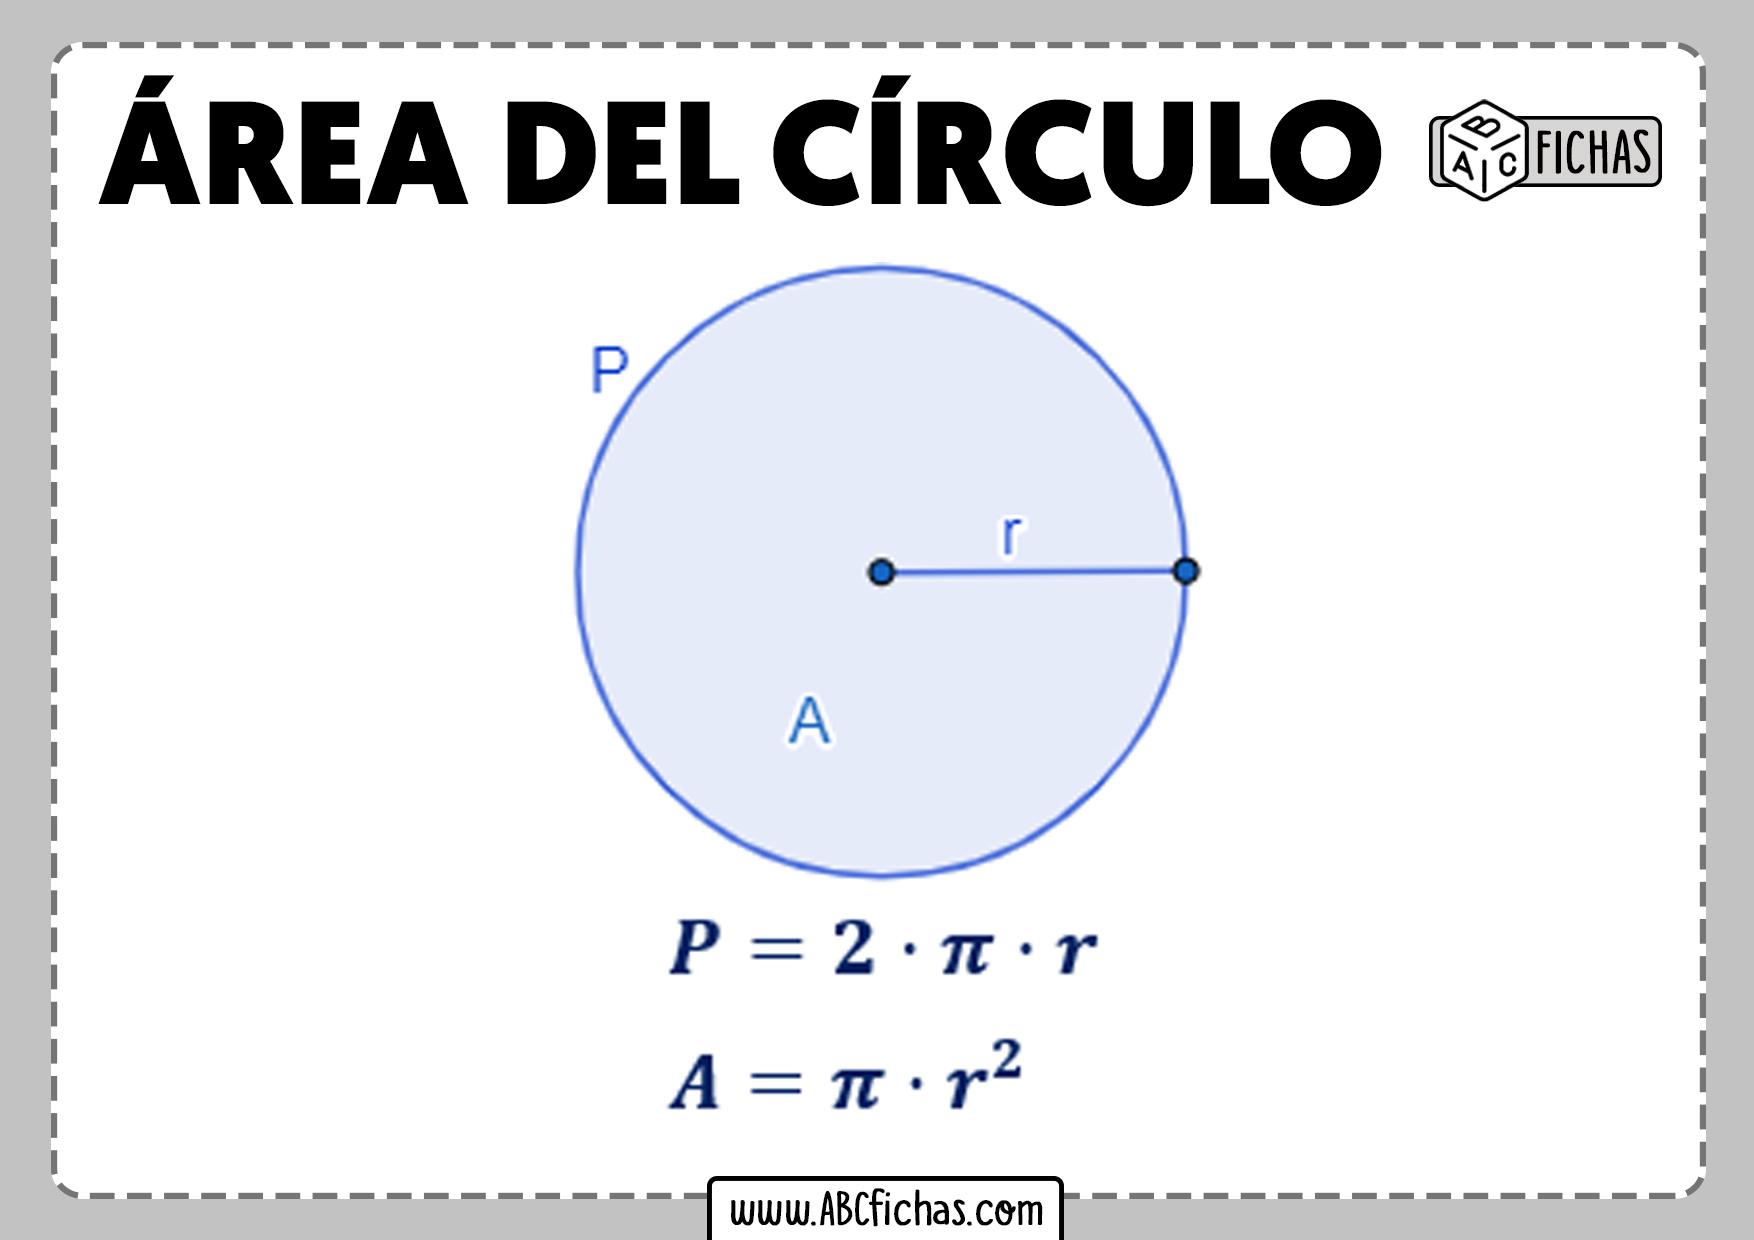 Formula area del circulo